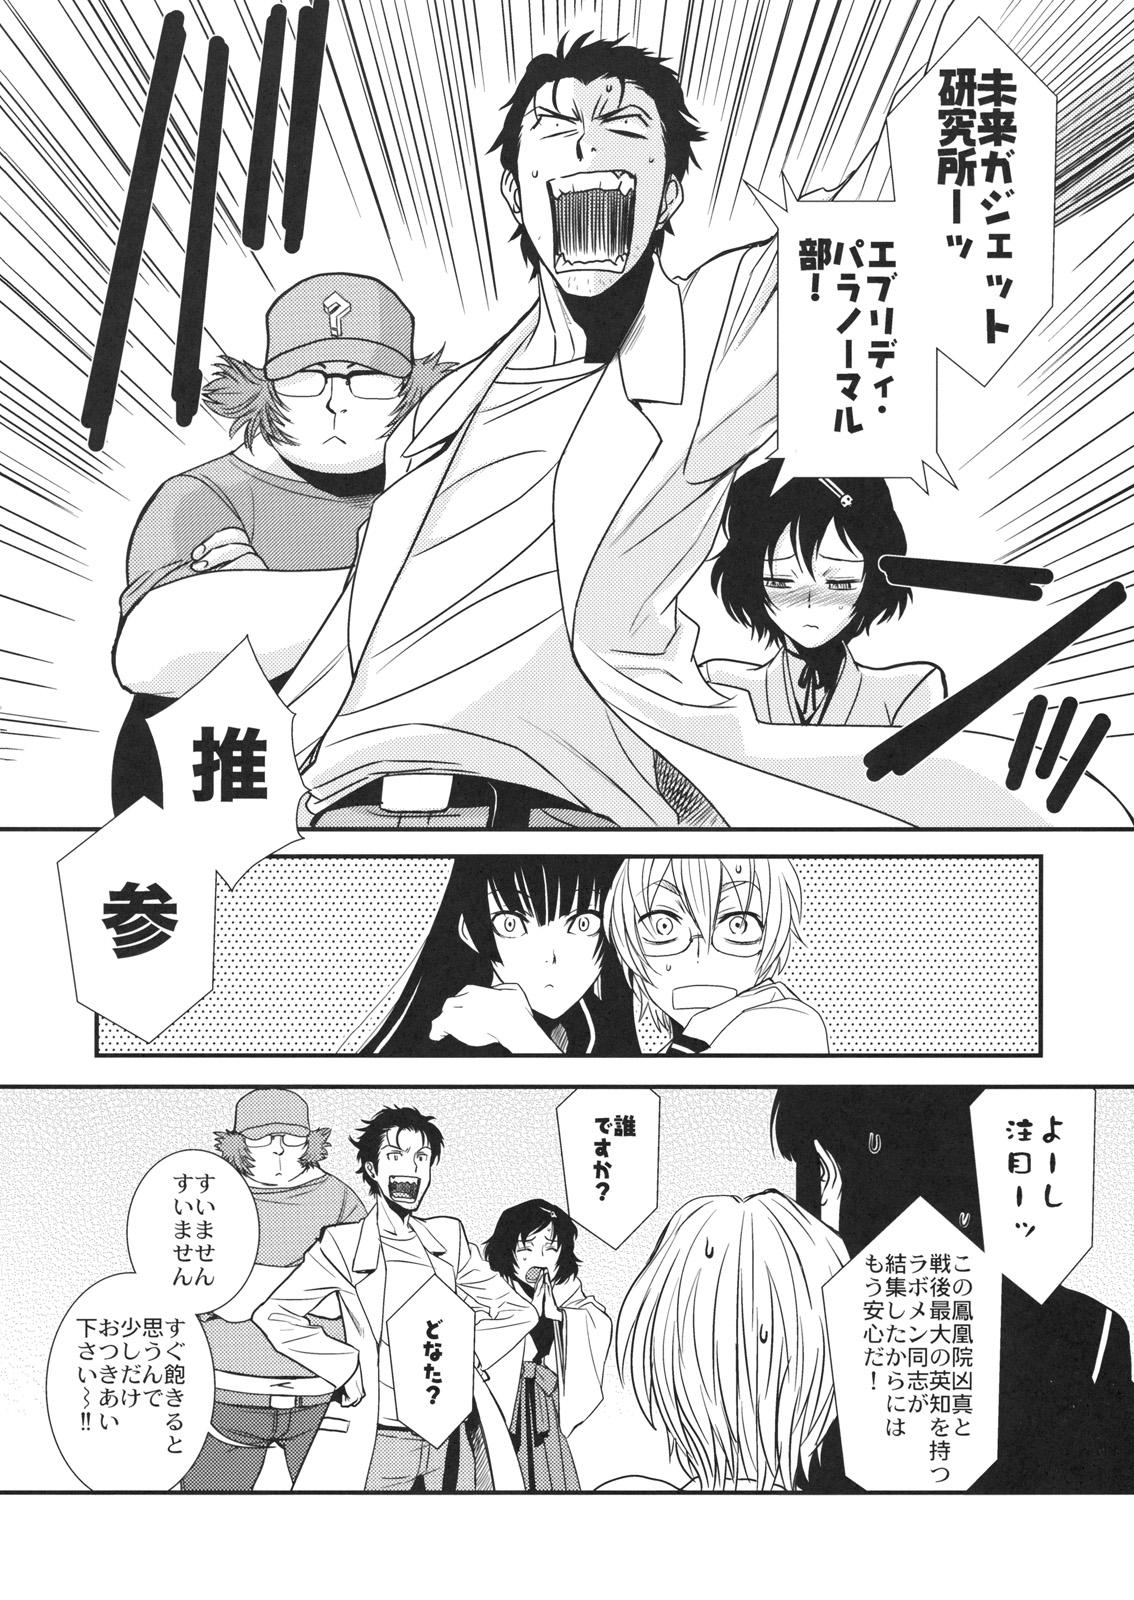 Hontou ni Atta Kowai Hanashi 4